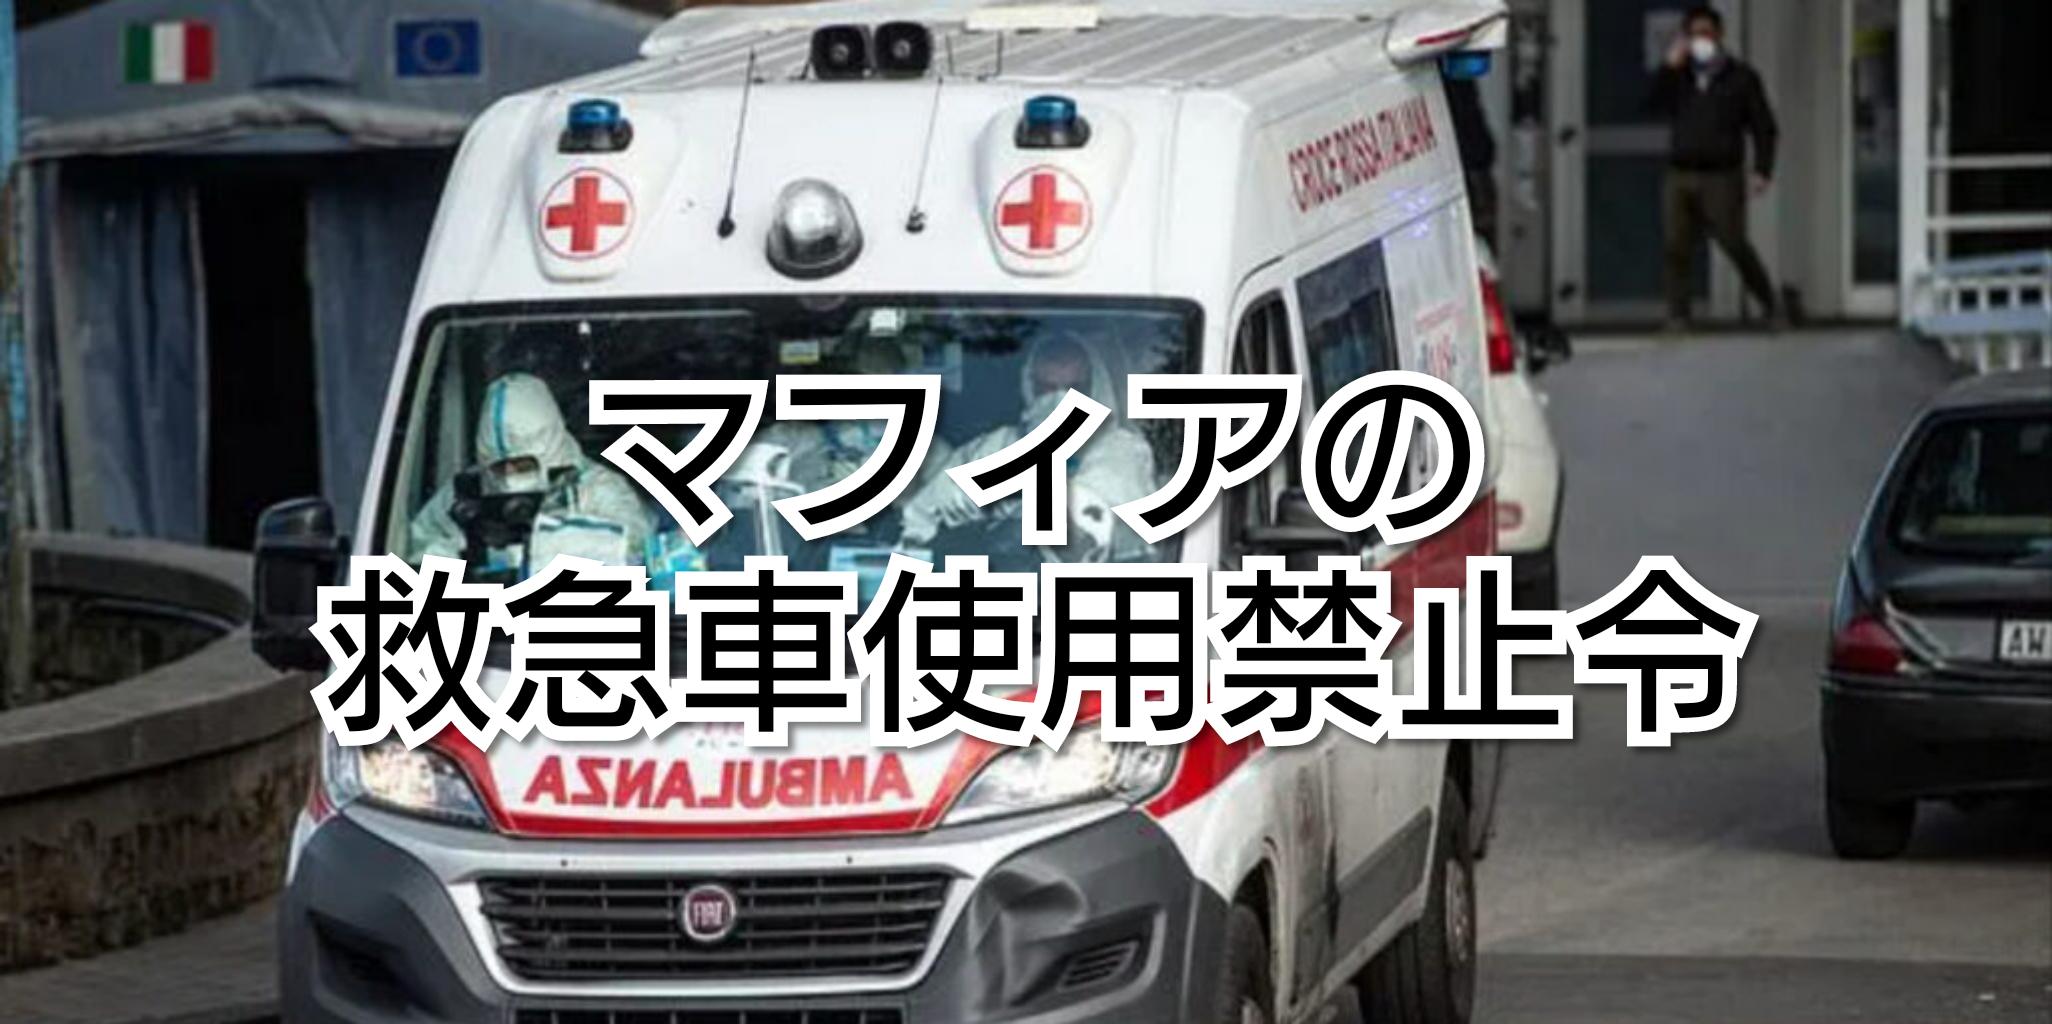 マフィアの救急車使用禁止令